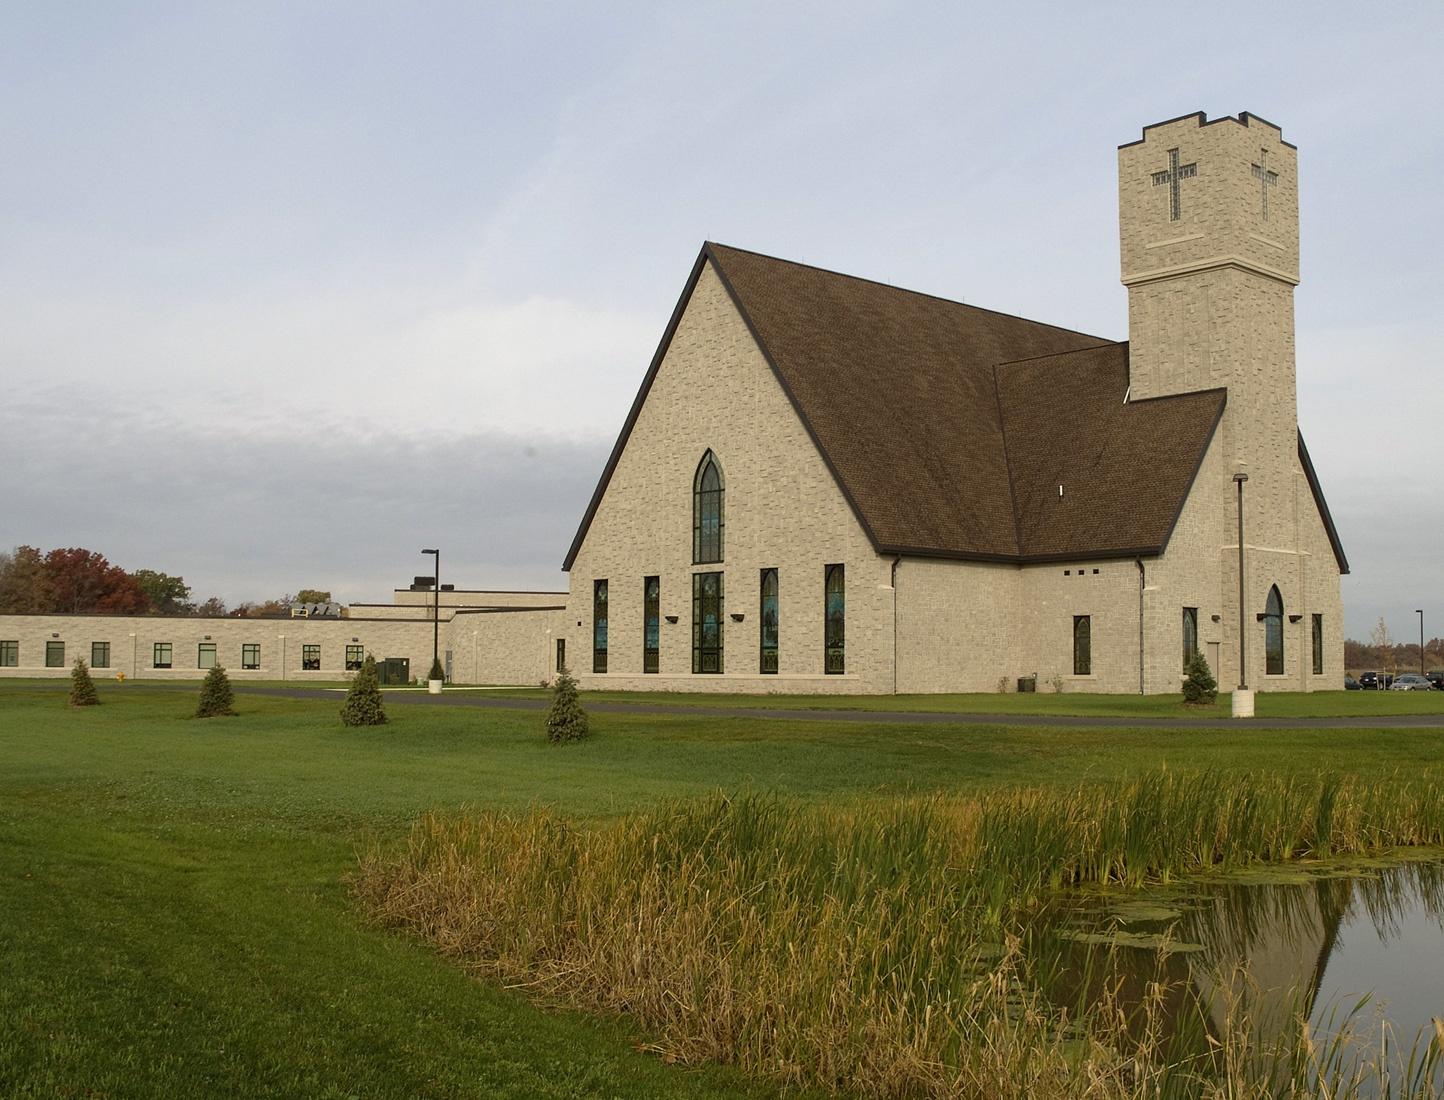 church-school-construction-St-Peter-Lutheran